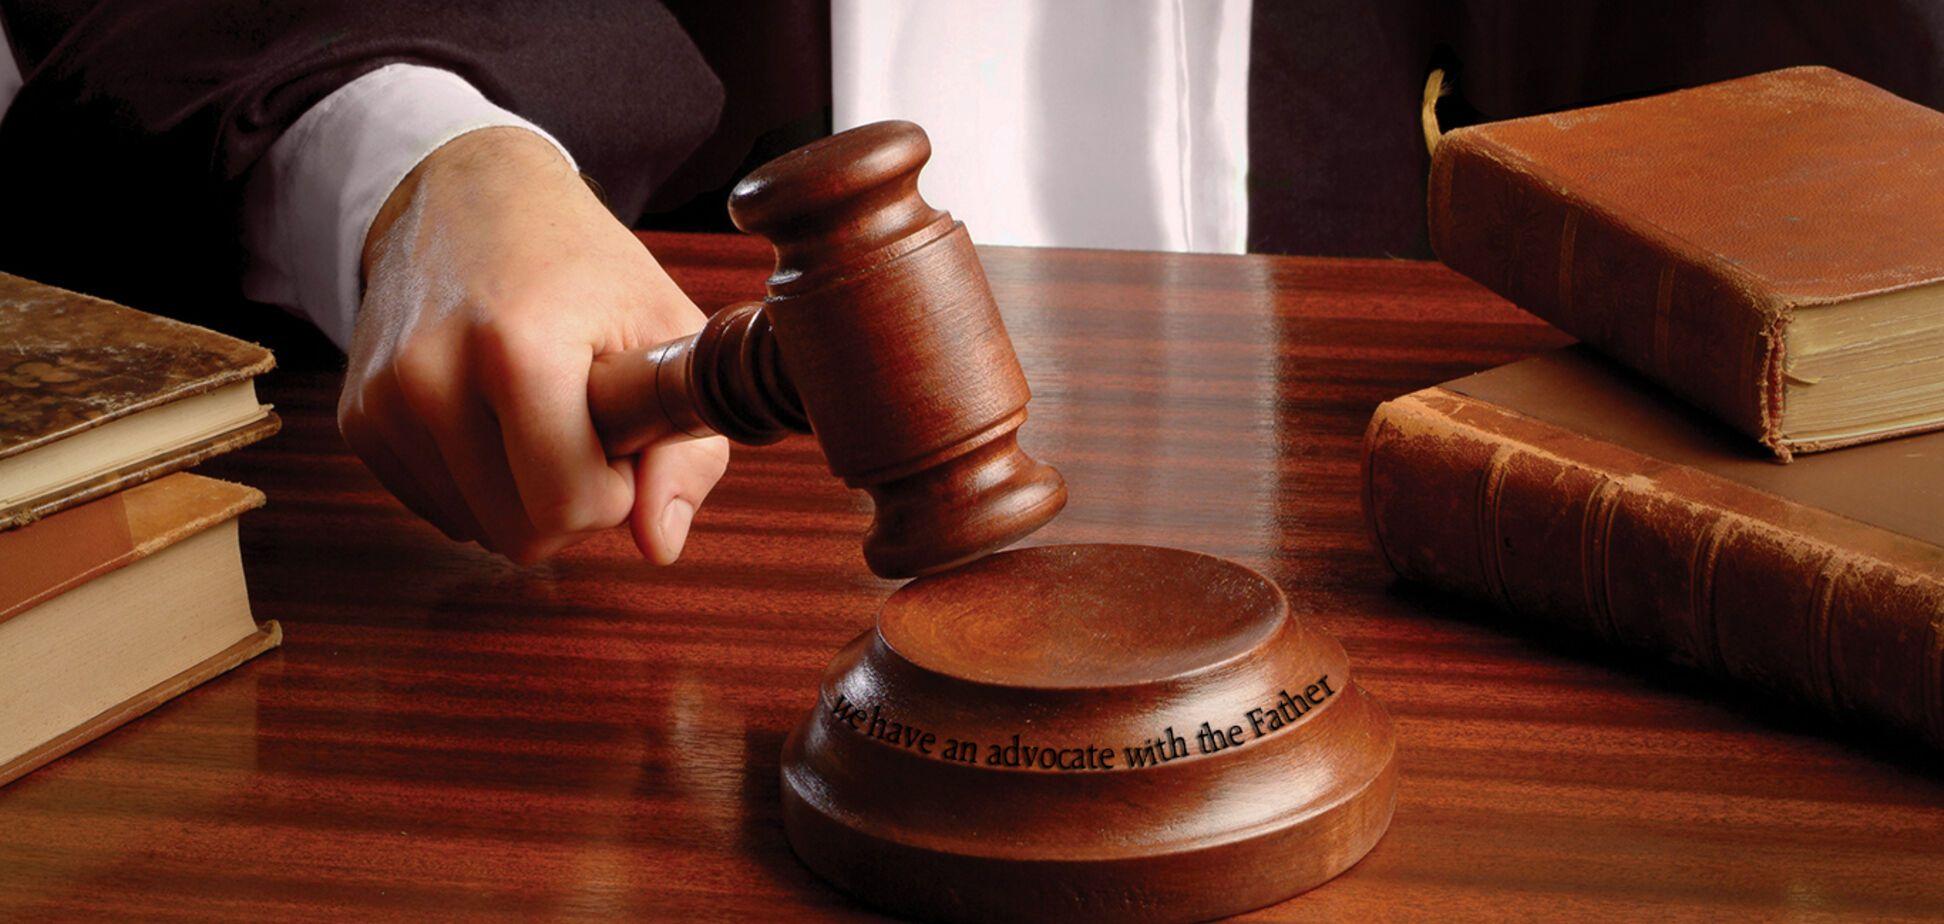 Справа 'Укрзалізниці': у мережі нагадали, чим 'знаменитий' суддя, який вирішив долю компанії